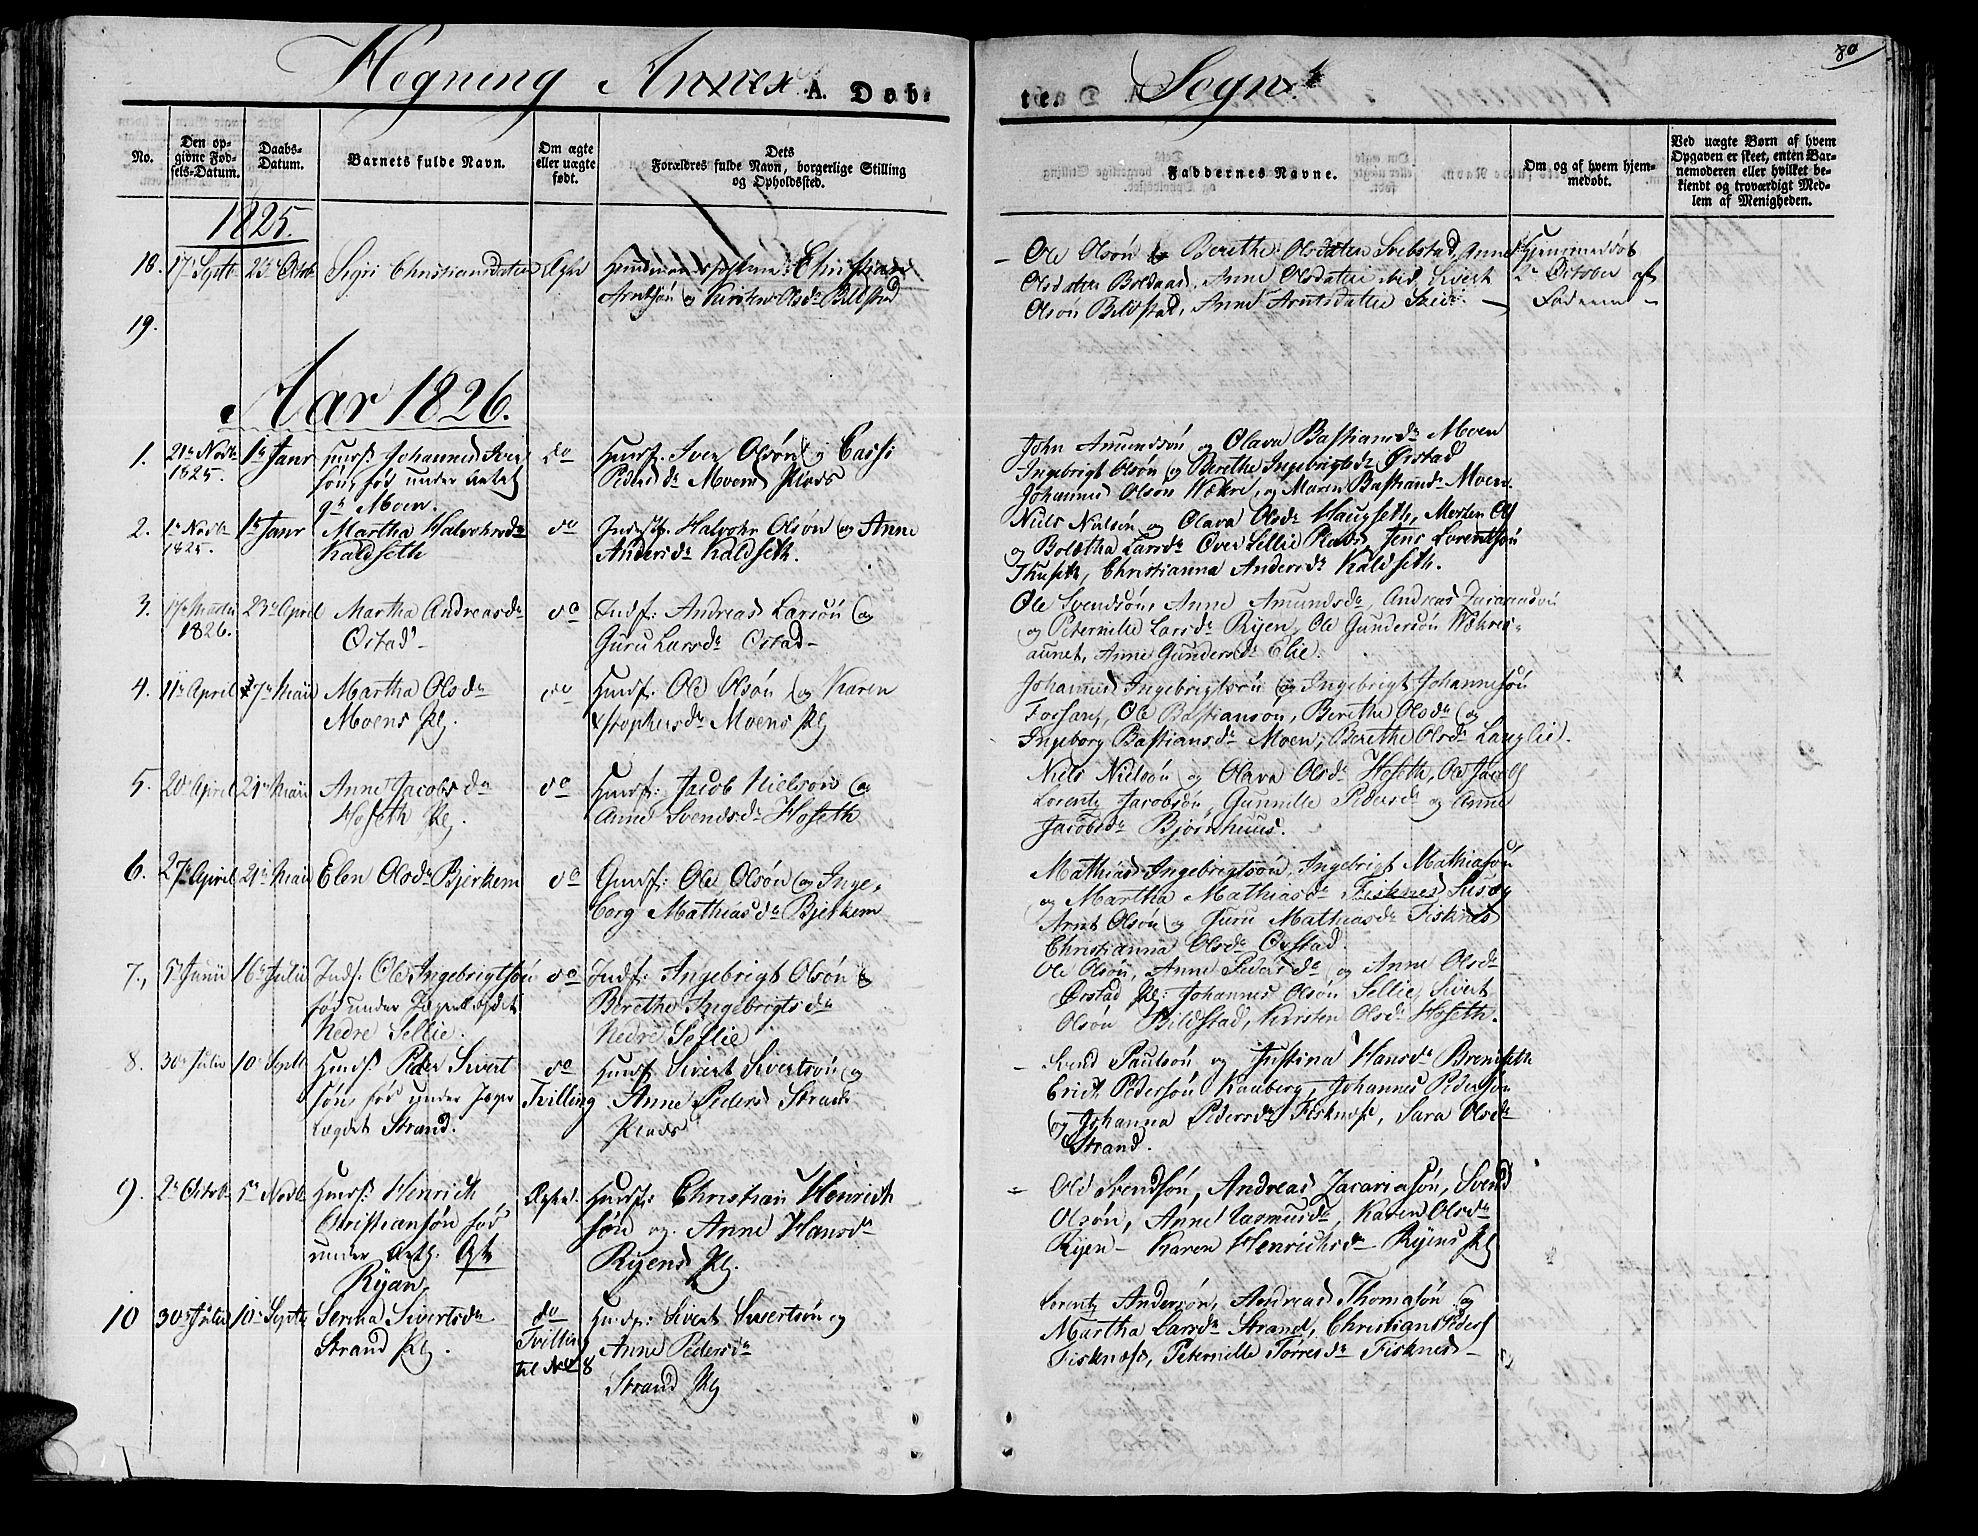 SAT, Ministerialprotokoller, klokkerbøker og fødselsregistre - Nord-Trøndelag, 735/L0336: Ministerialbok nr. 735A05 /3, 1825-1835, s. 80